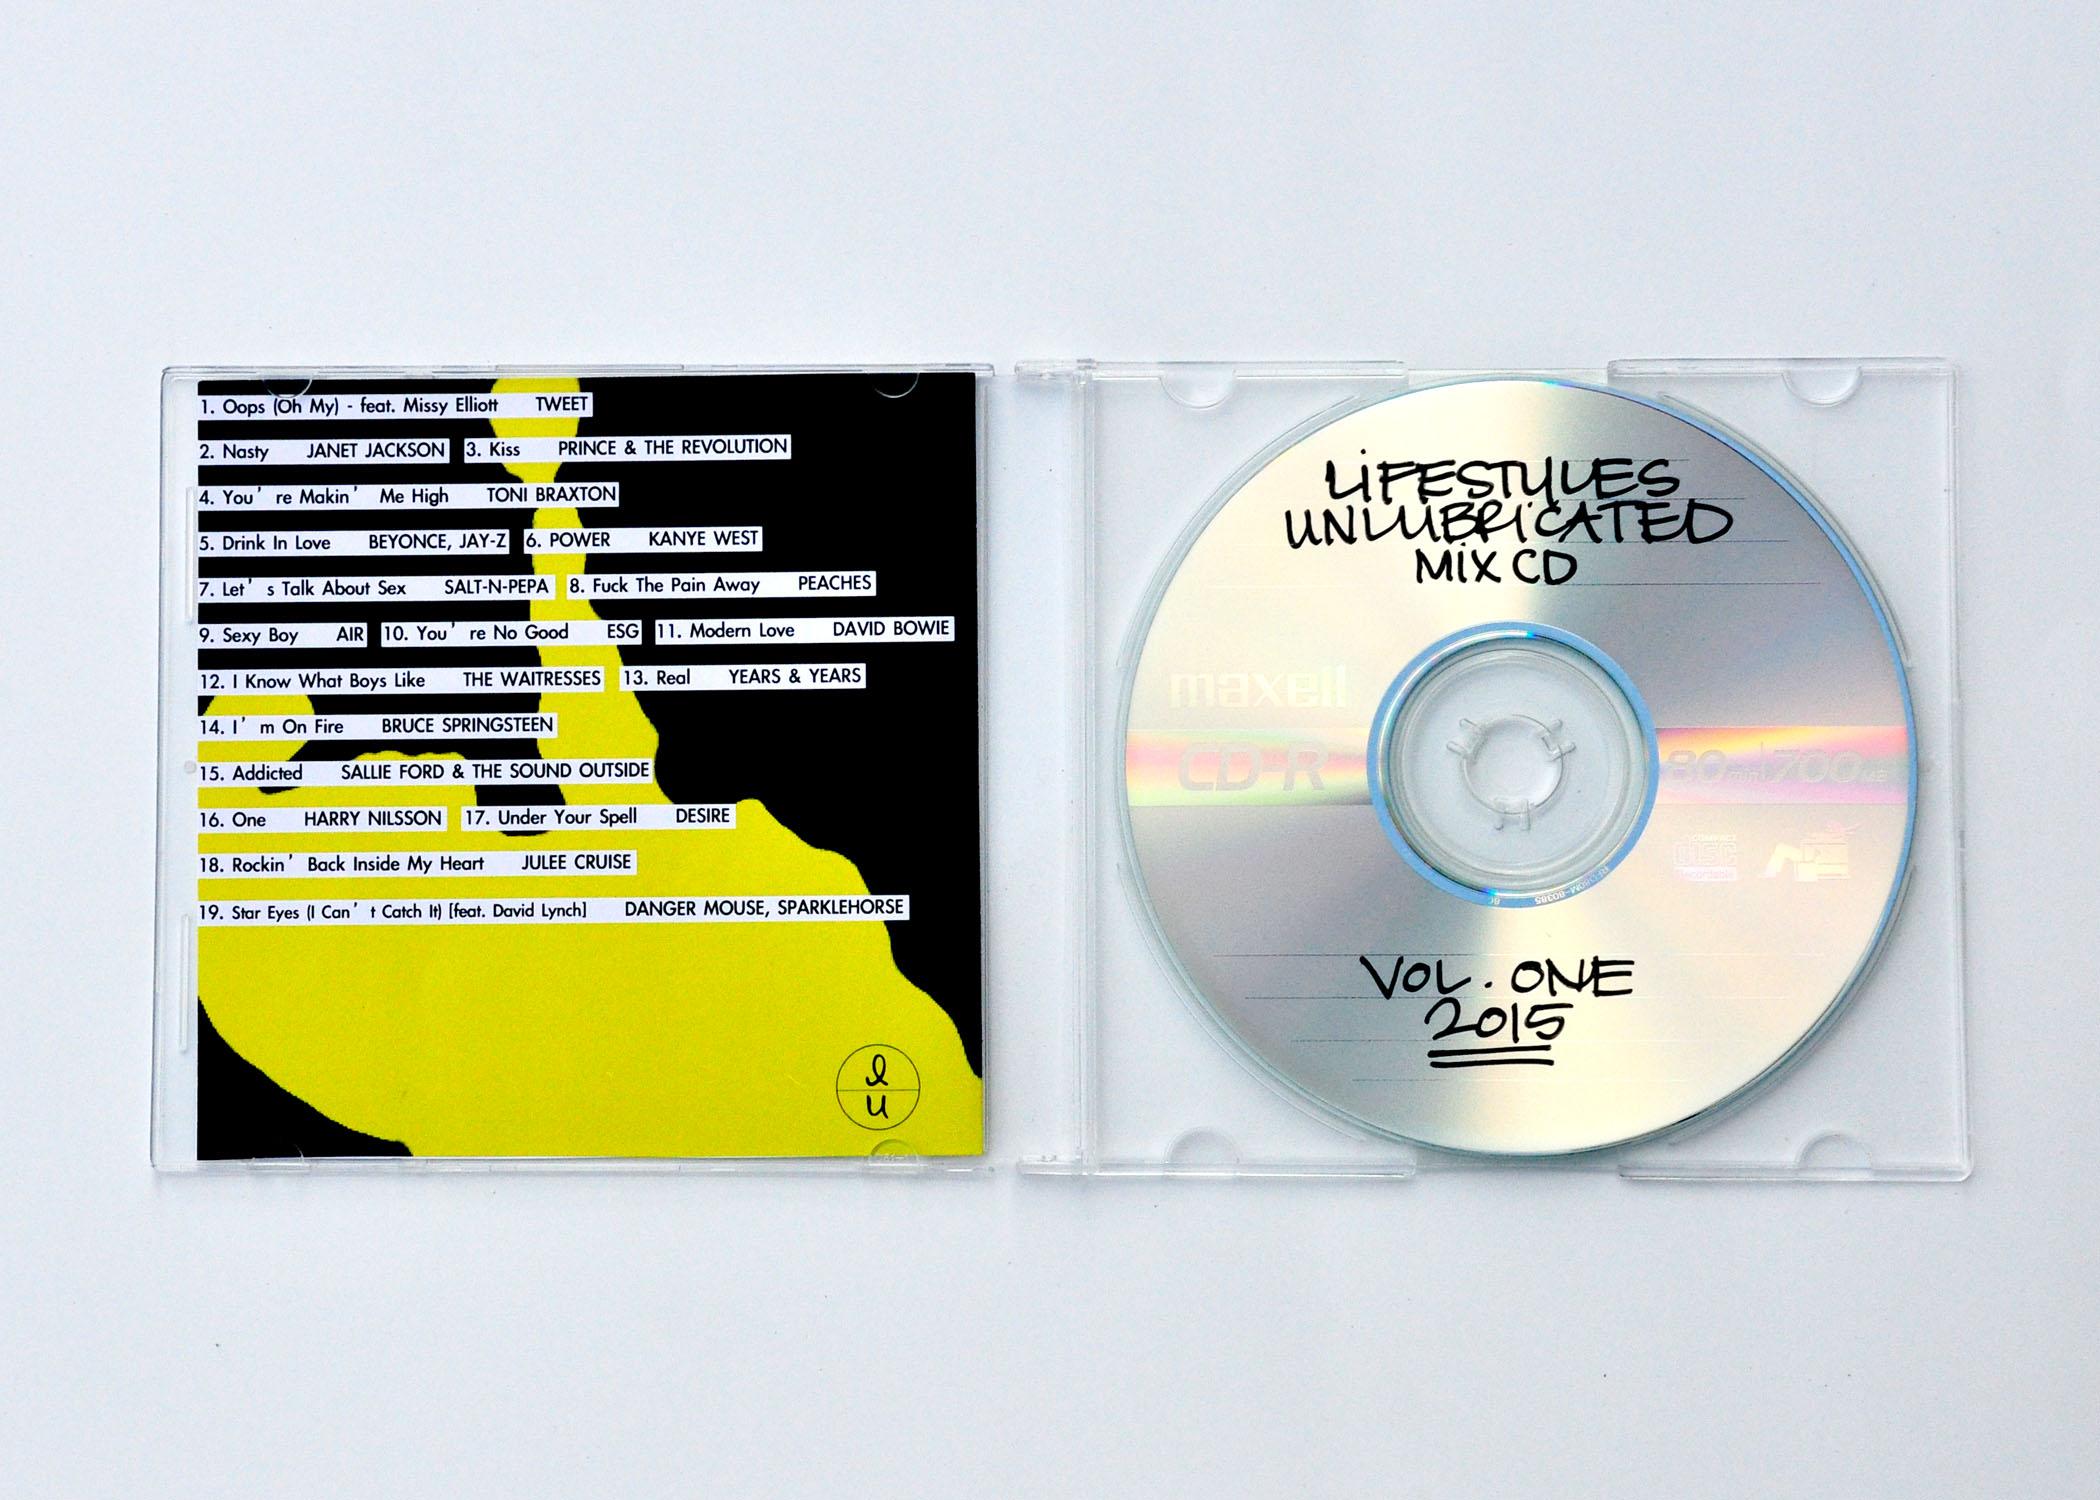 LU CD INSIDE.jpg